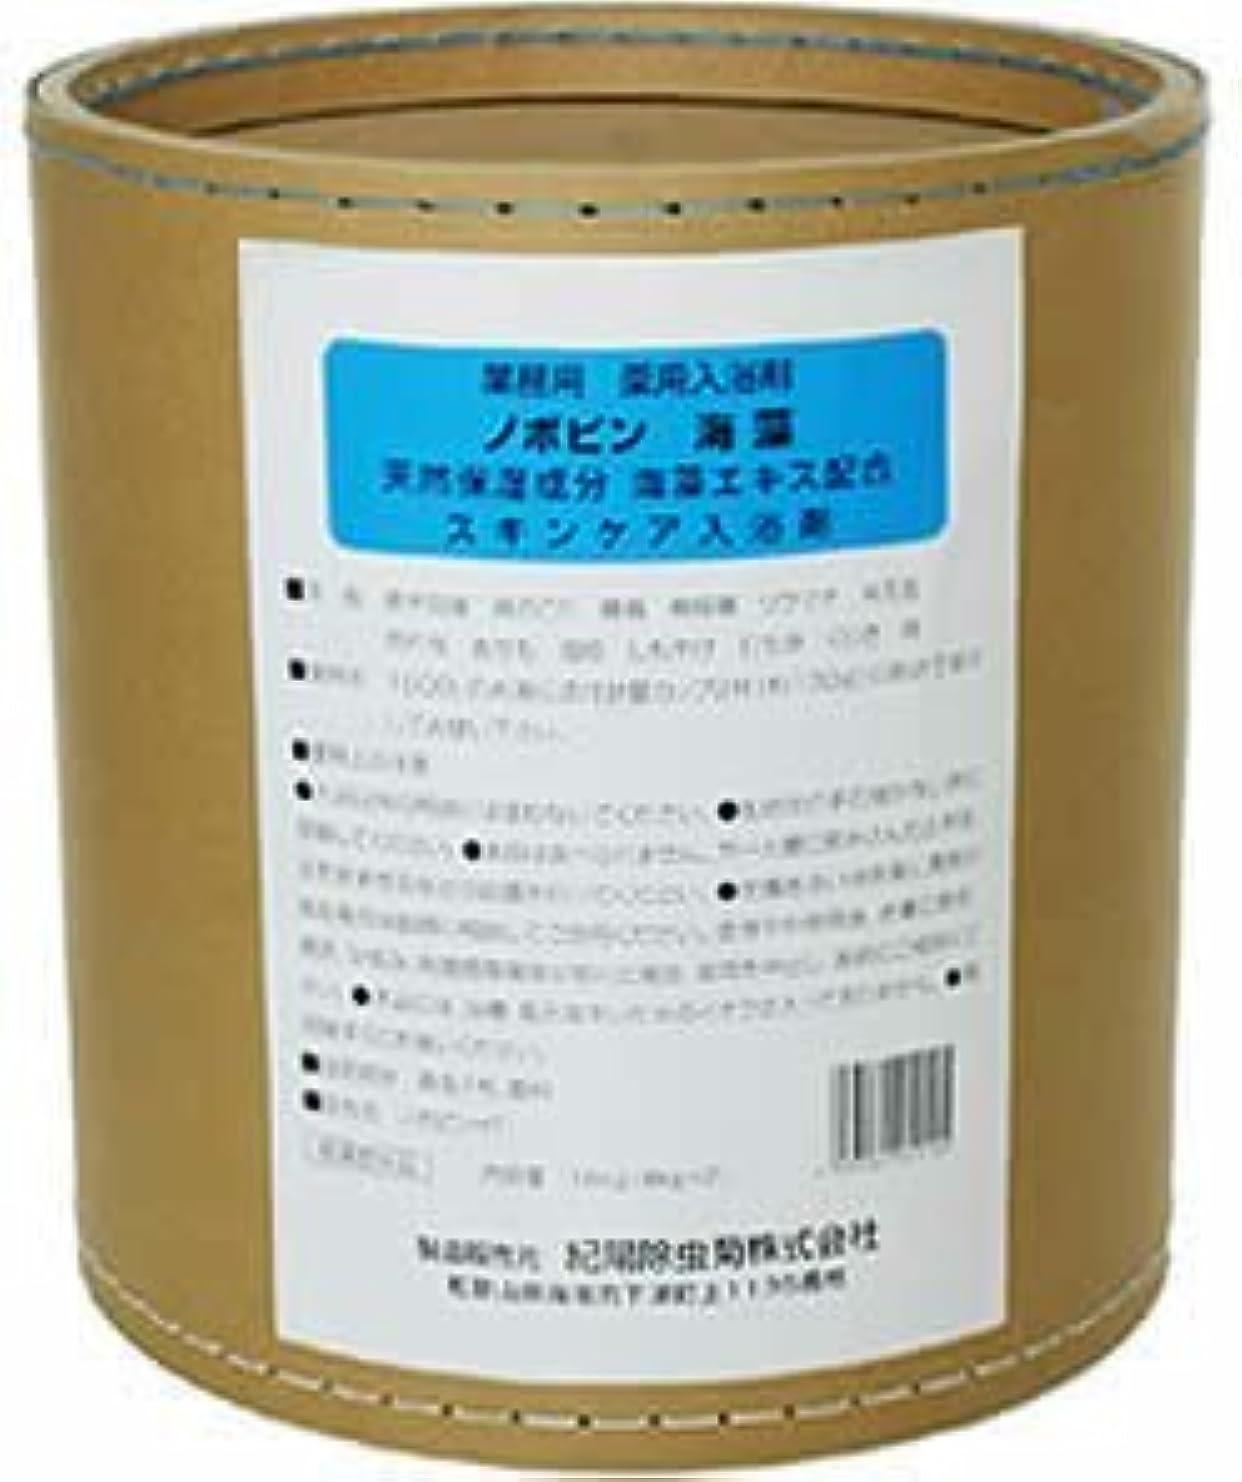 コメント不道徳ウナギ業務用 入浴剤 ノボピン 海藻 16kg(8kg*2)